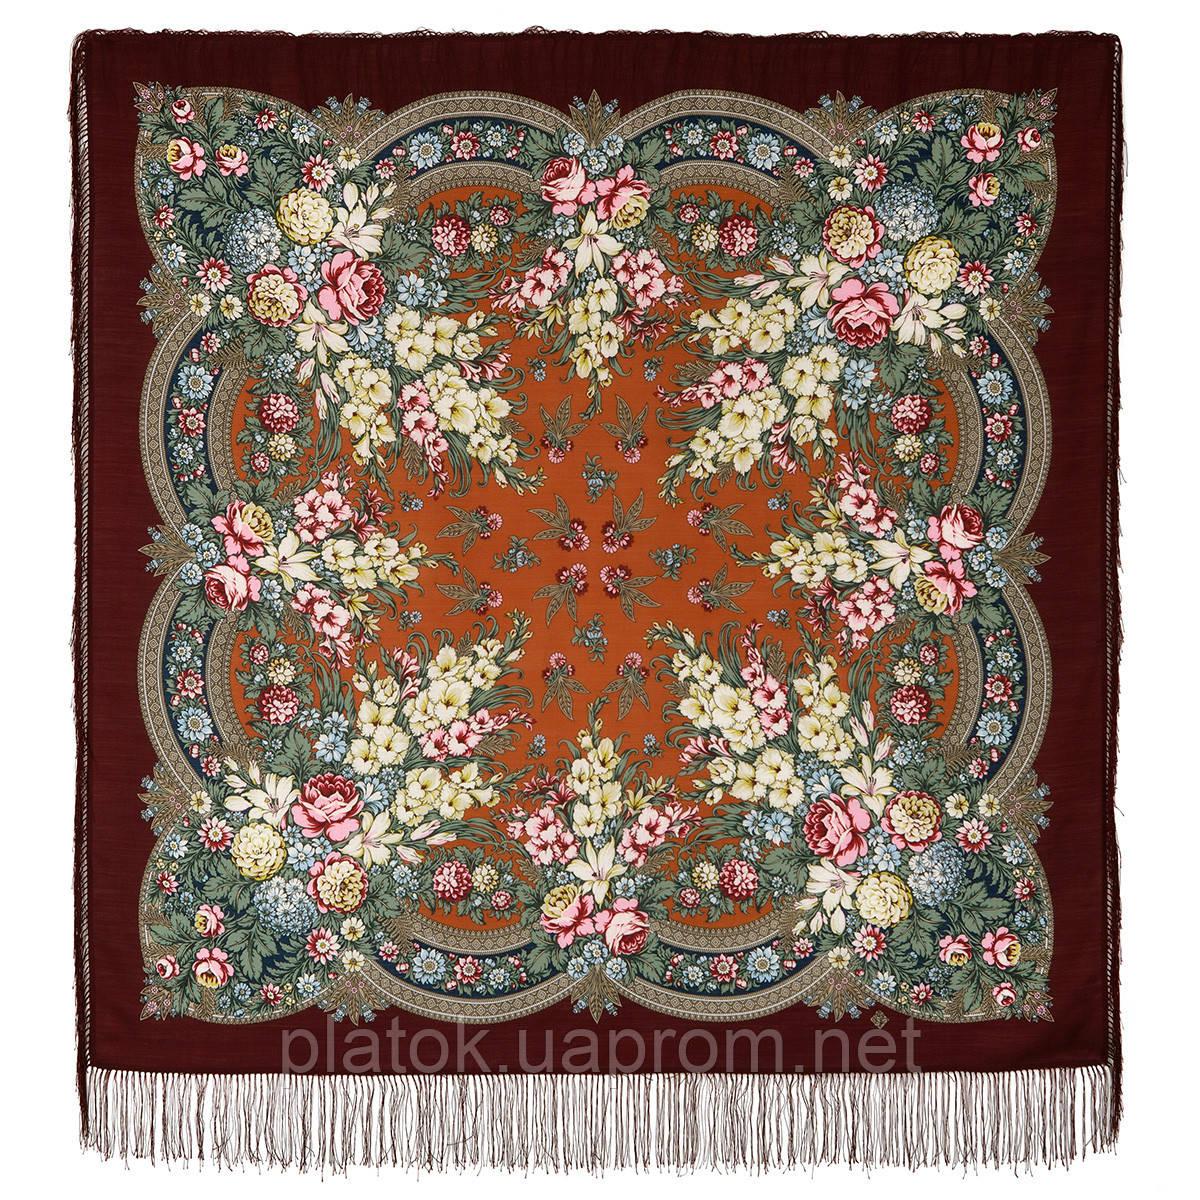 Златые дни 828-7, павлопосадский платок шерстяной с шелковой бахромой